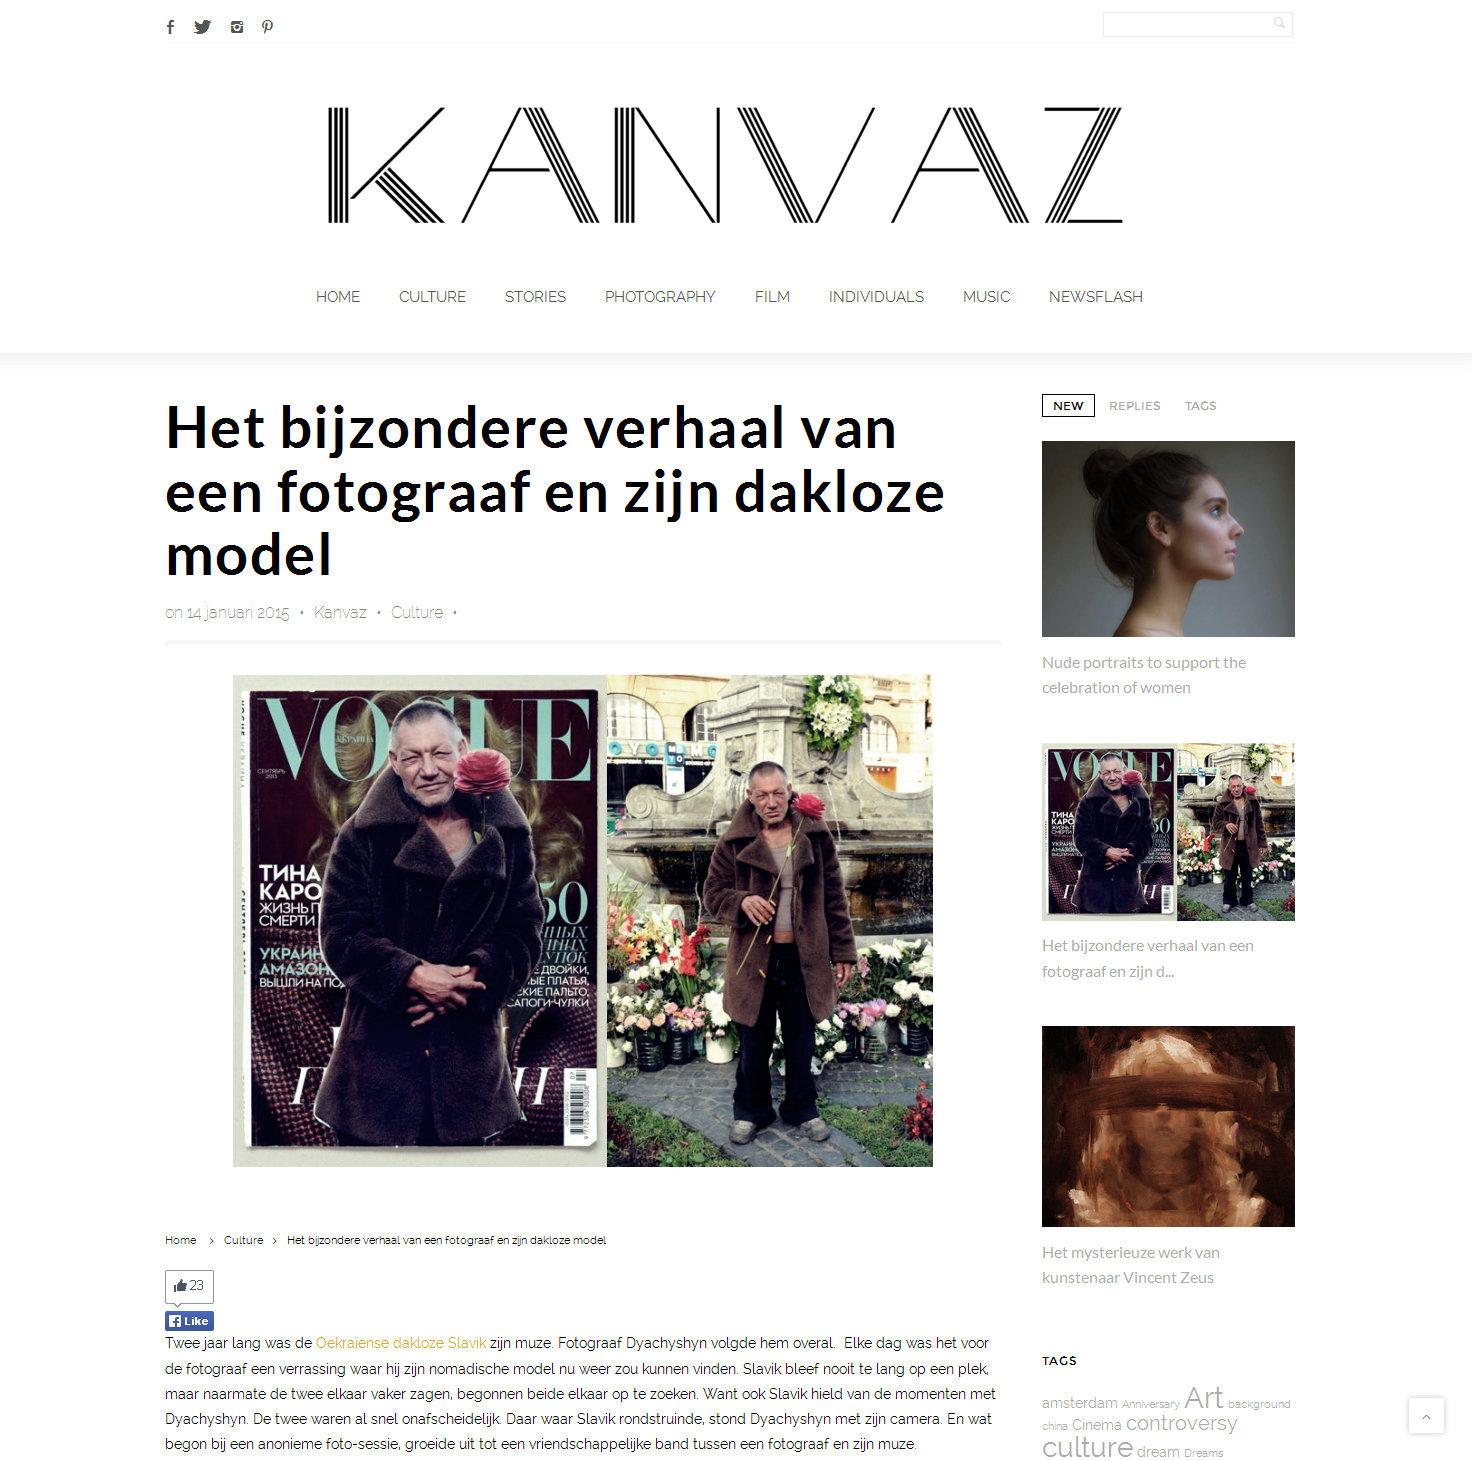 kanvaz.nl.jpg